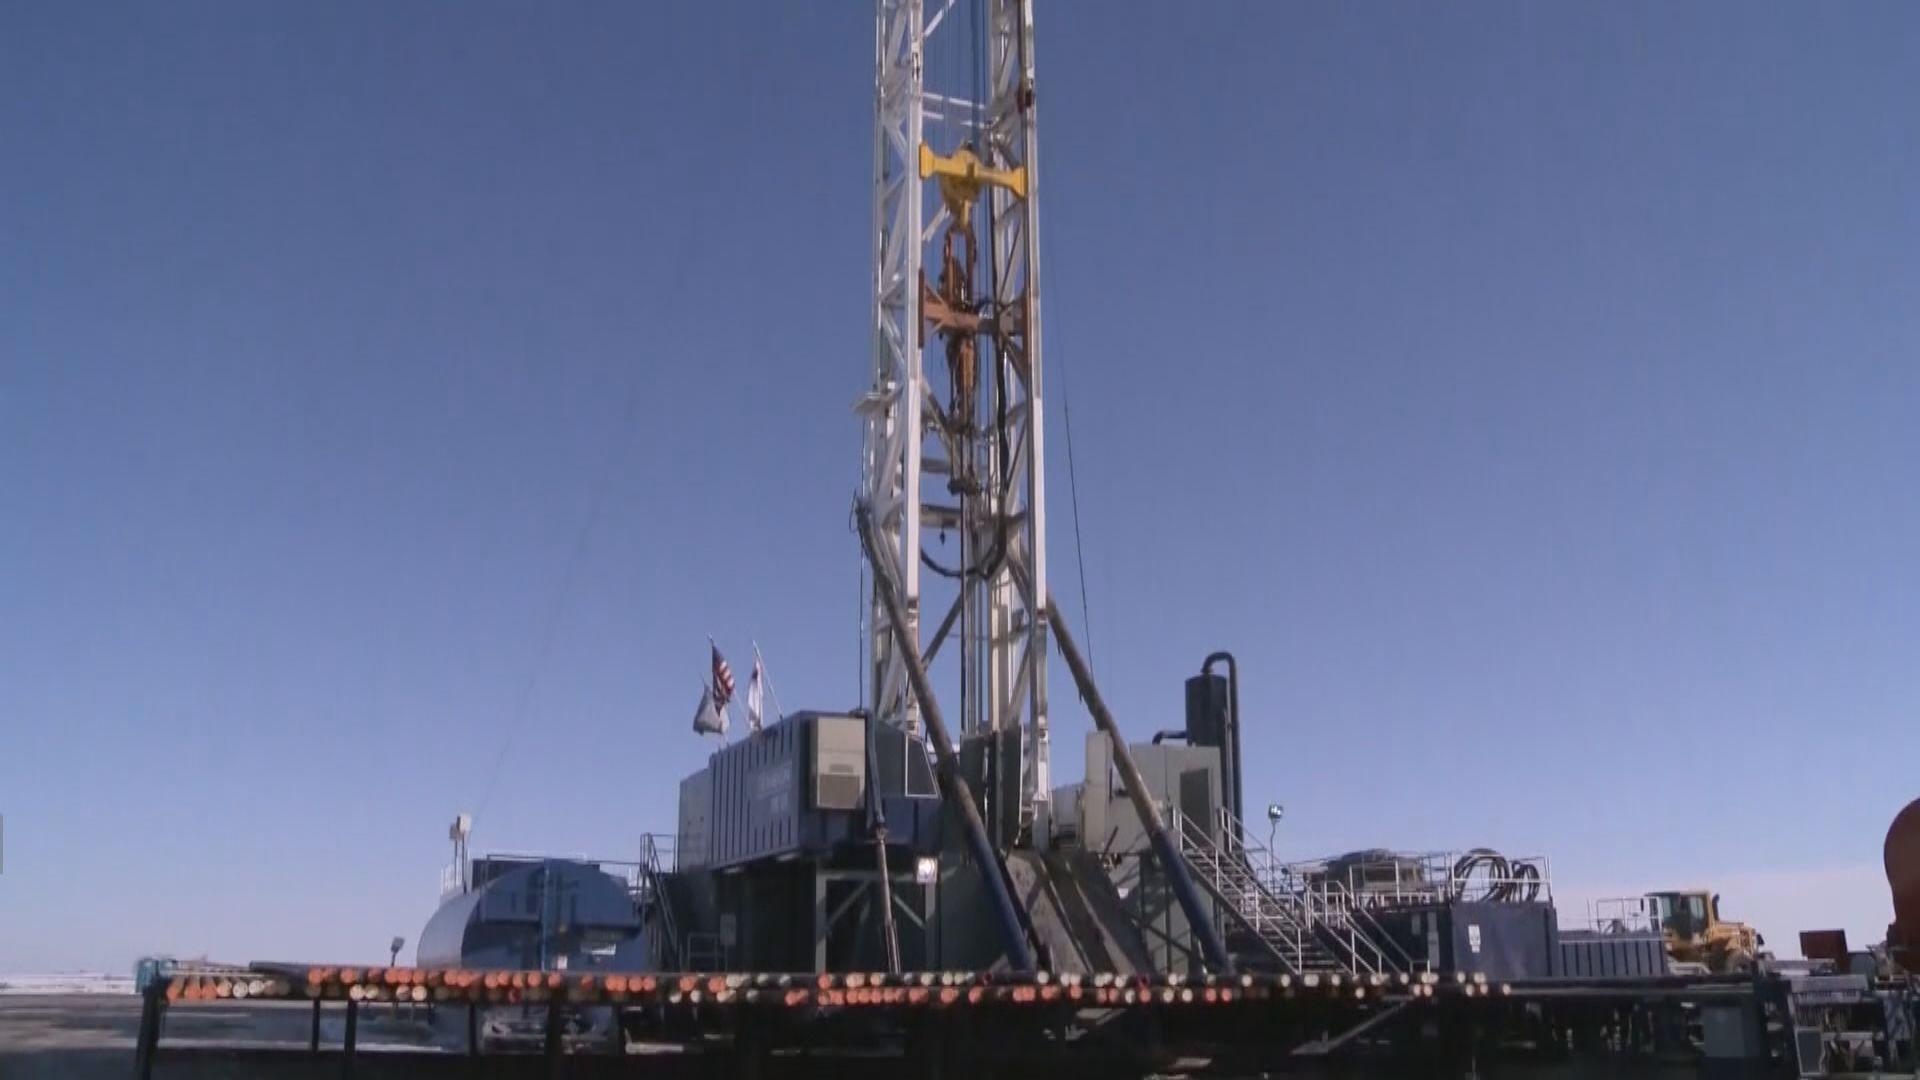 油價先升後跌 紐約期油挫逾9%因擔心減產力度不足